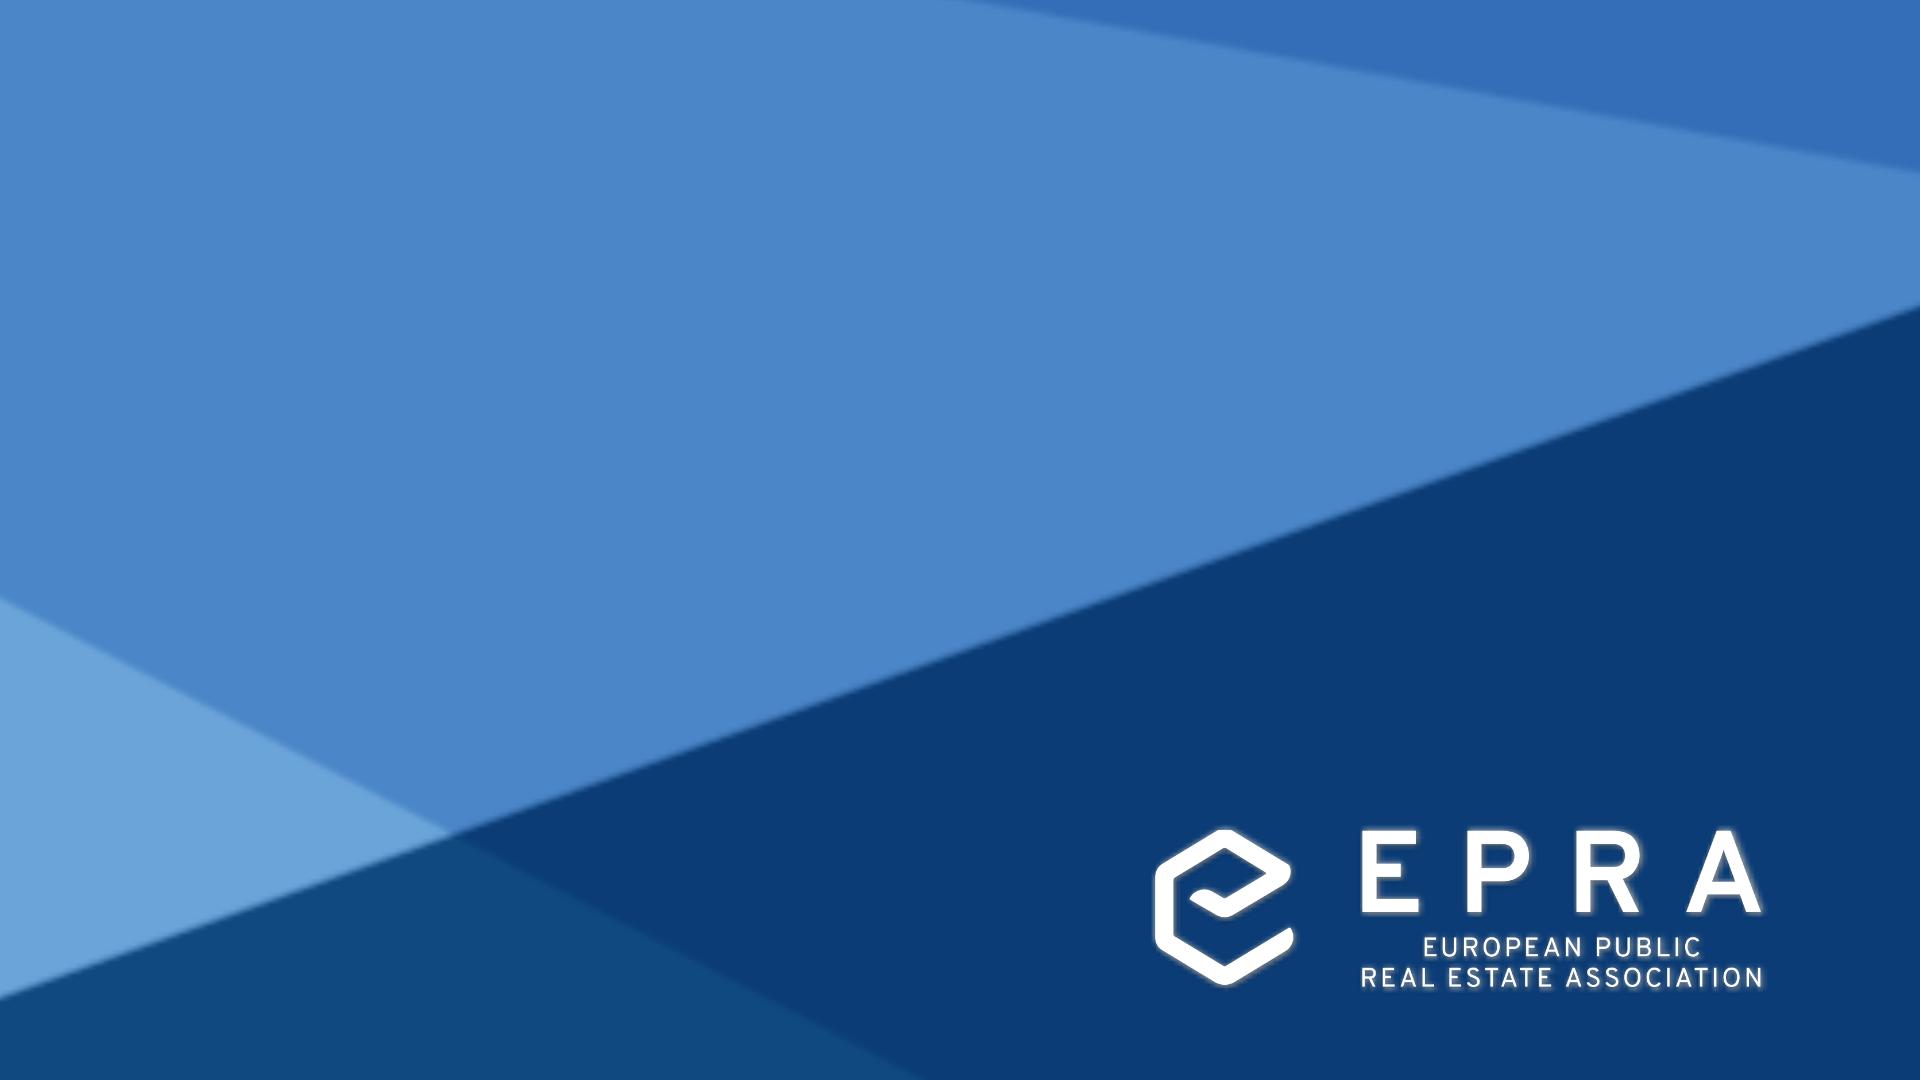 EPRA-Office-V01.jpg